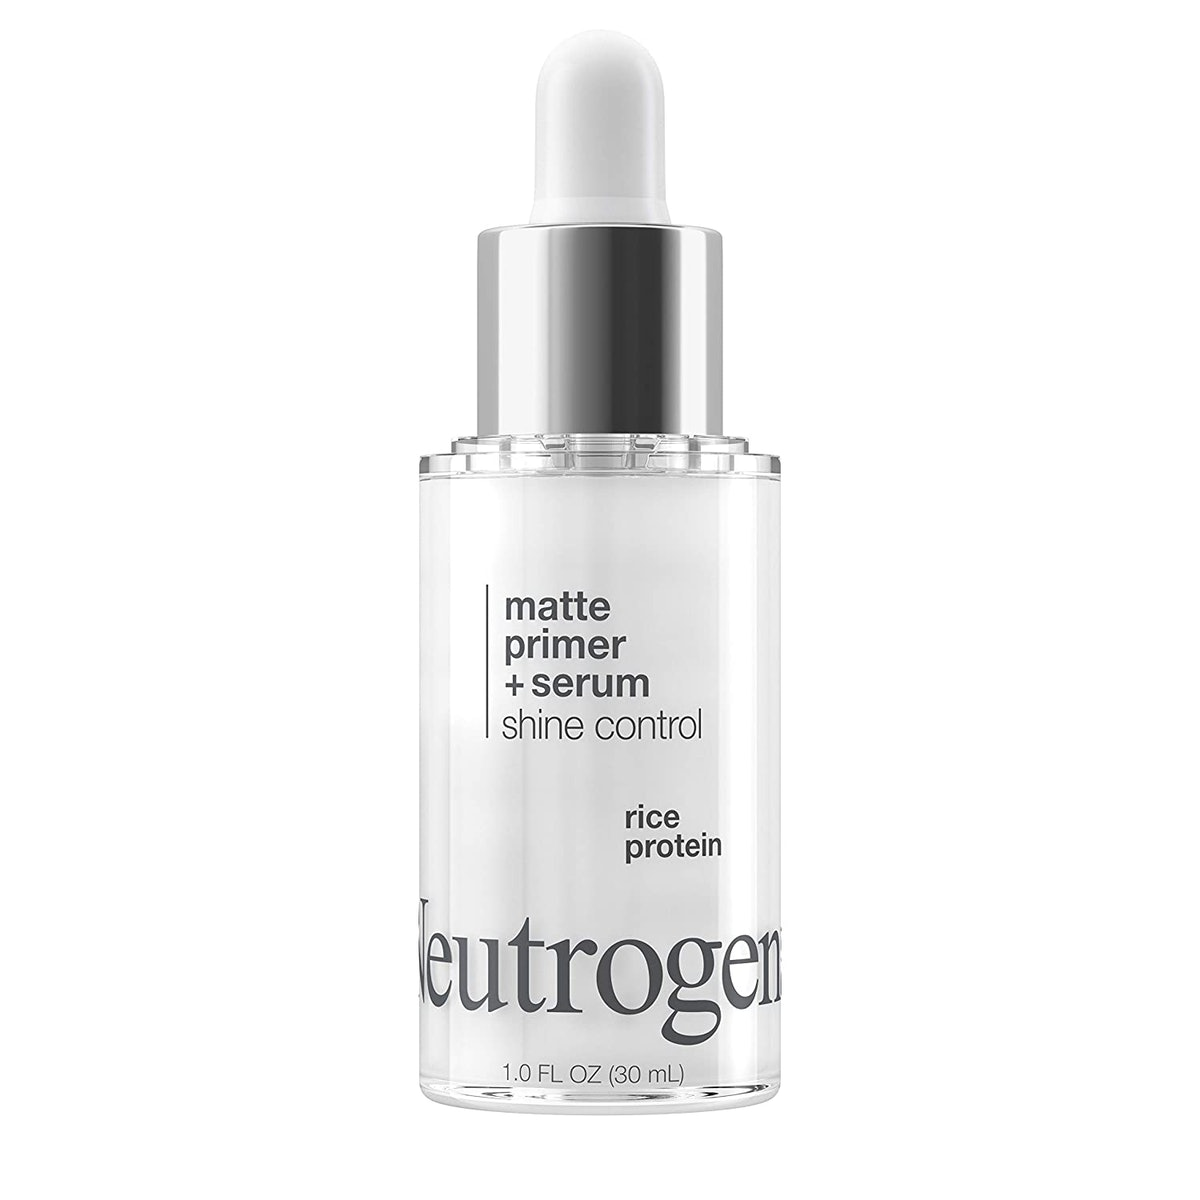 Neutrogena Shine Control Matte Booster Face Primer & Serum